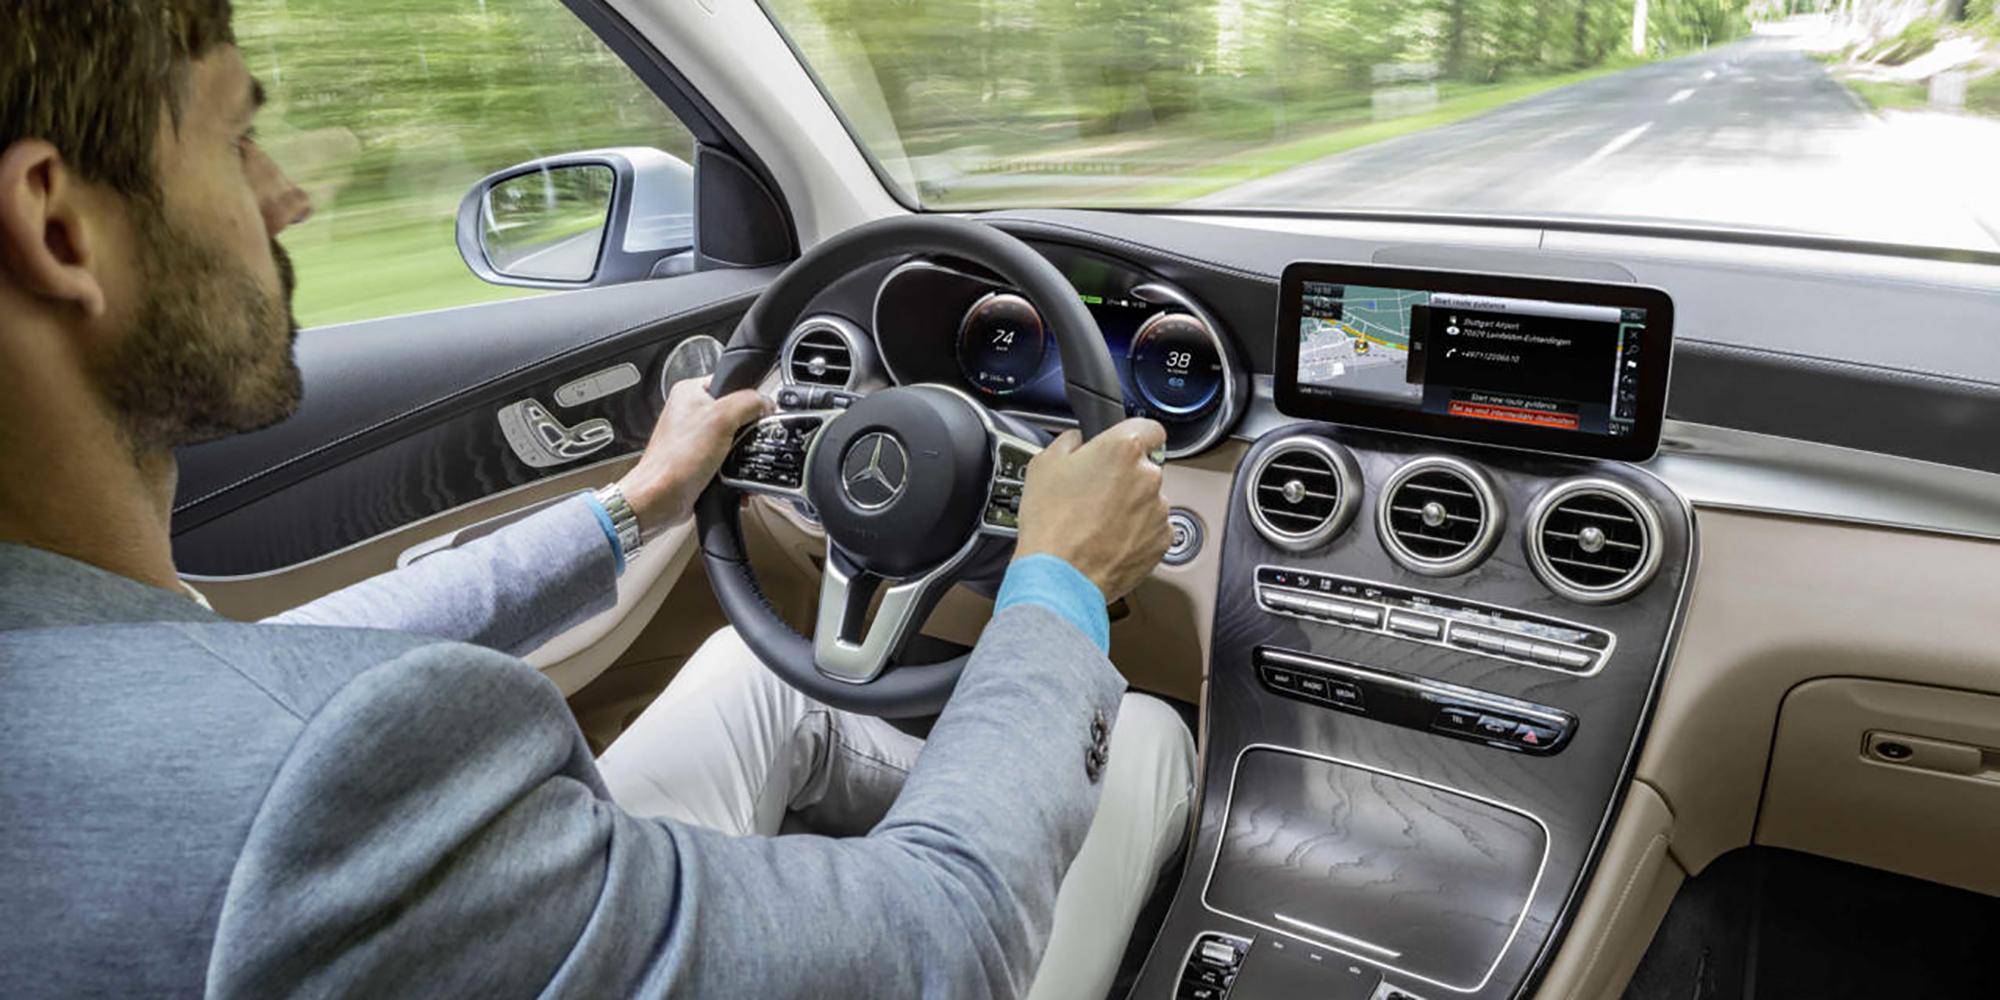 Mercedes Glc 2018 Release Date >> 2019 Mercedes-Benz GLC interior spied - UPDATE - Photos